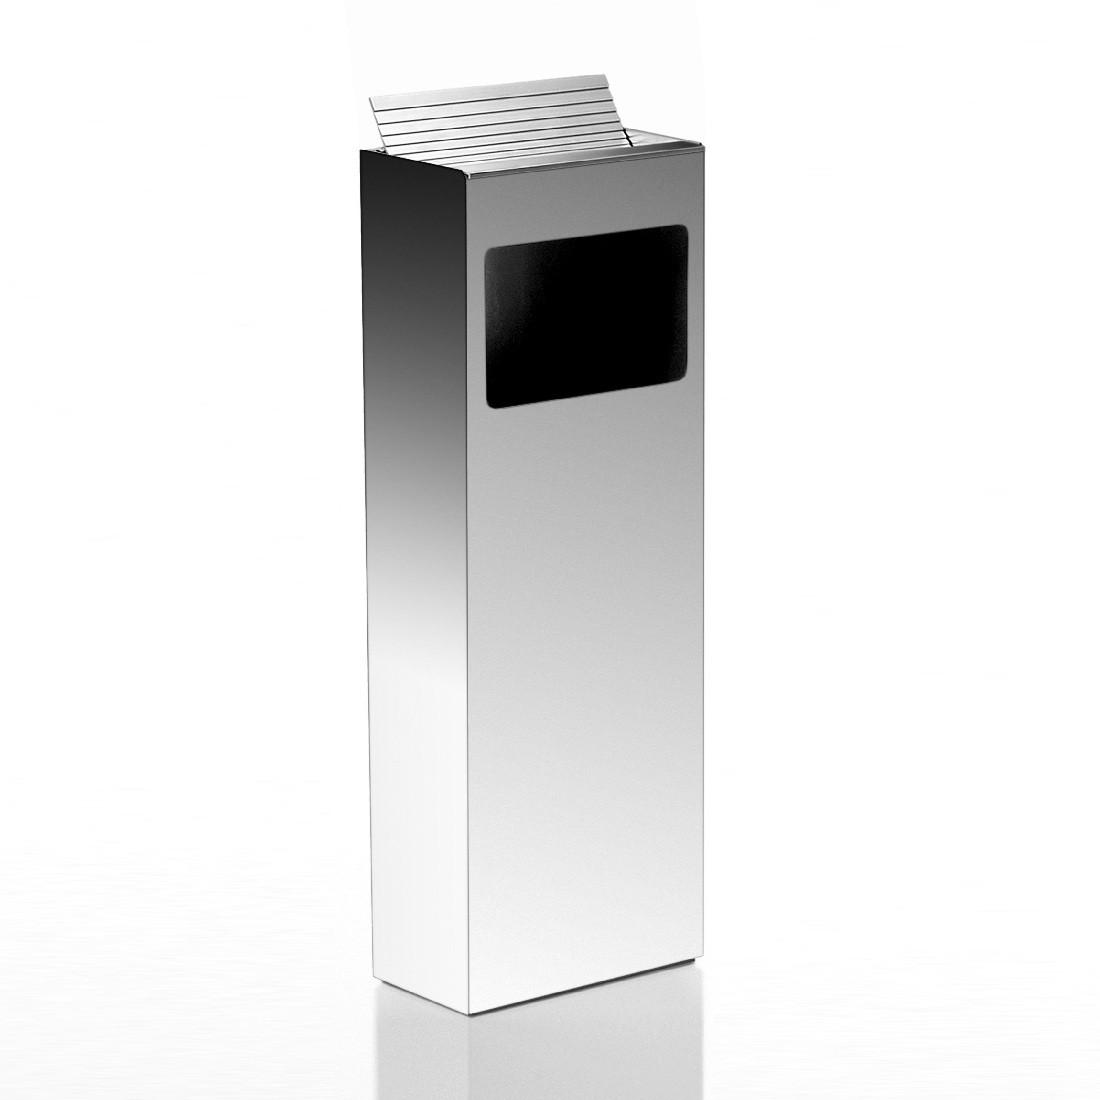 Aschenbecher Mercuri – (16L) – Anthrazit, Blanke Design online kaufen